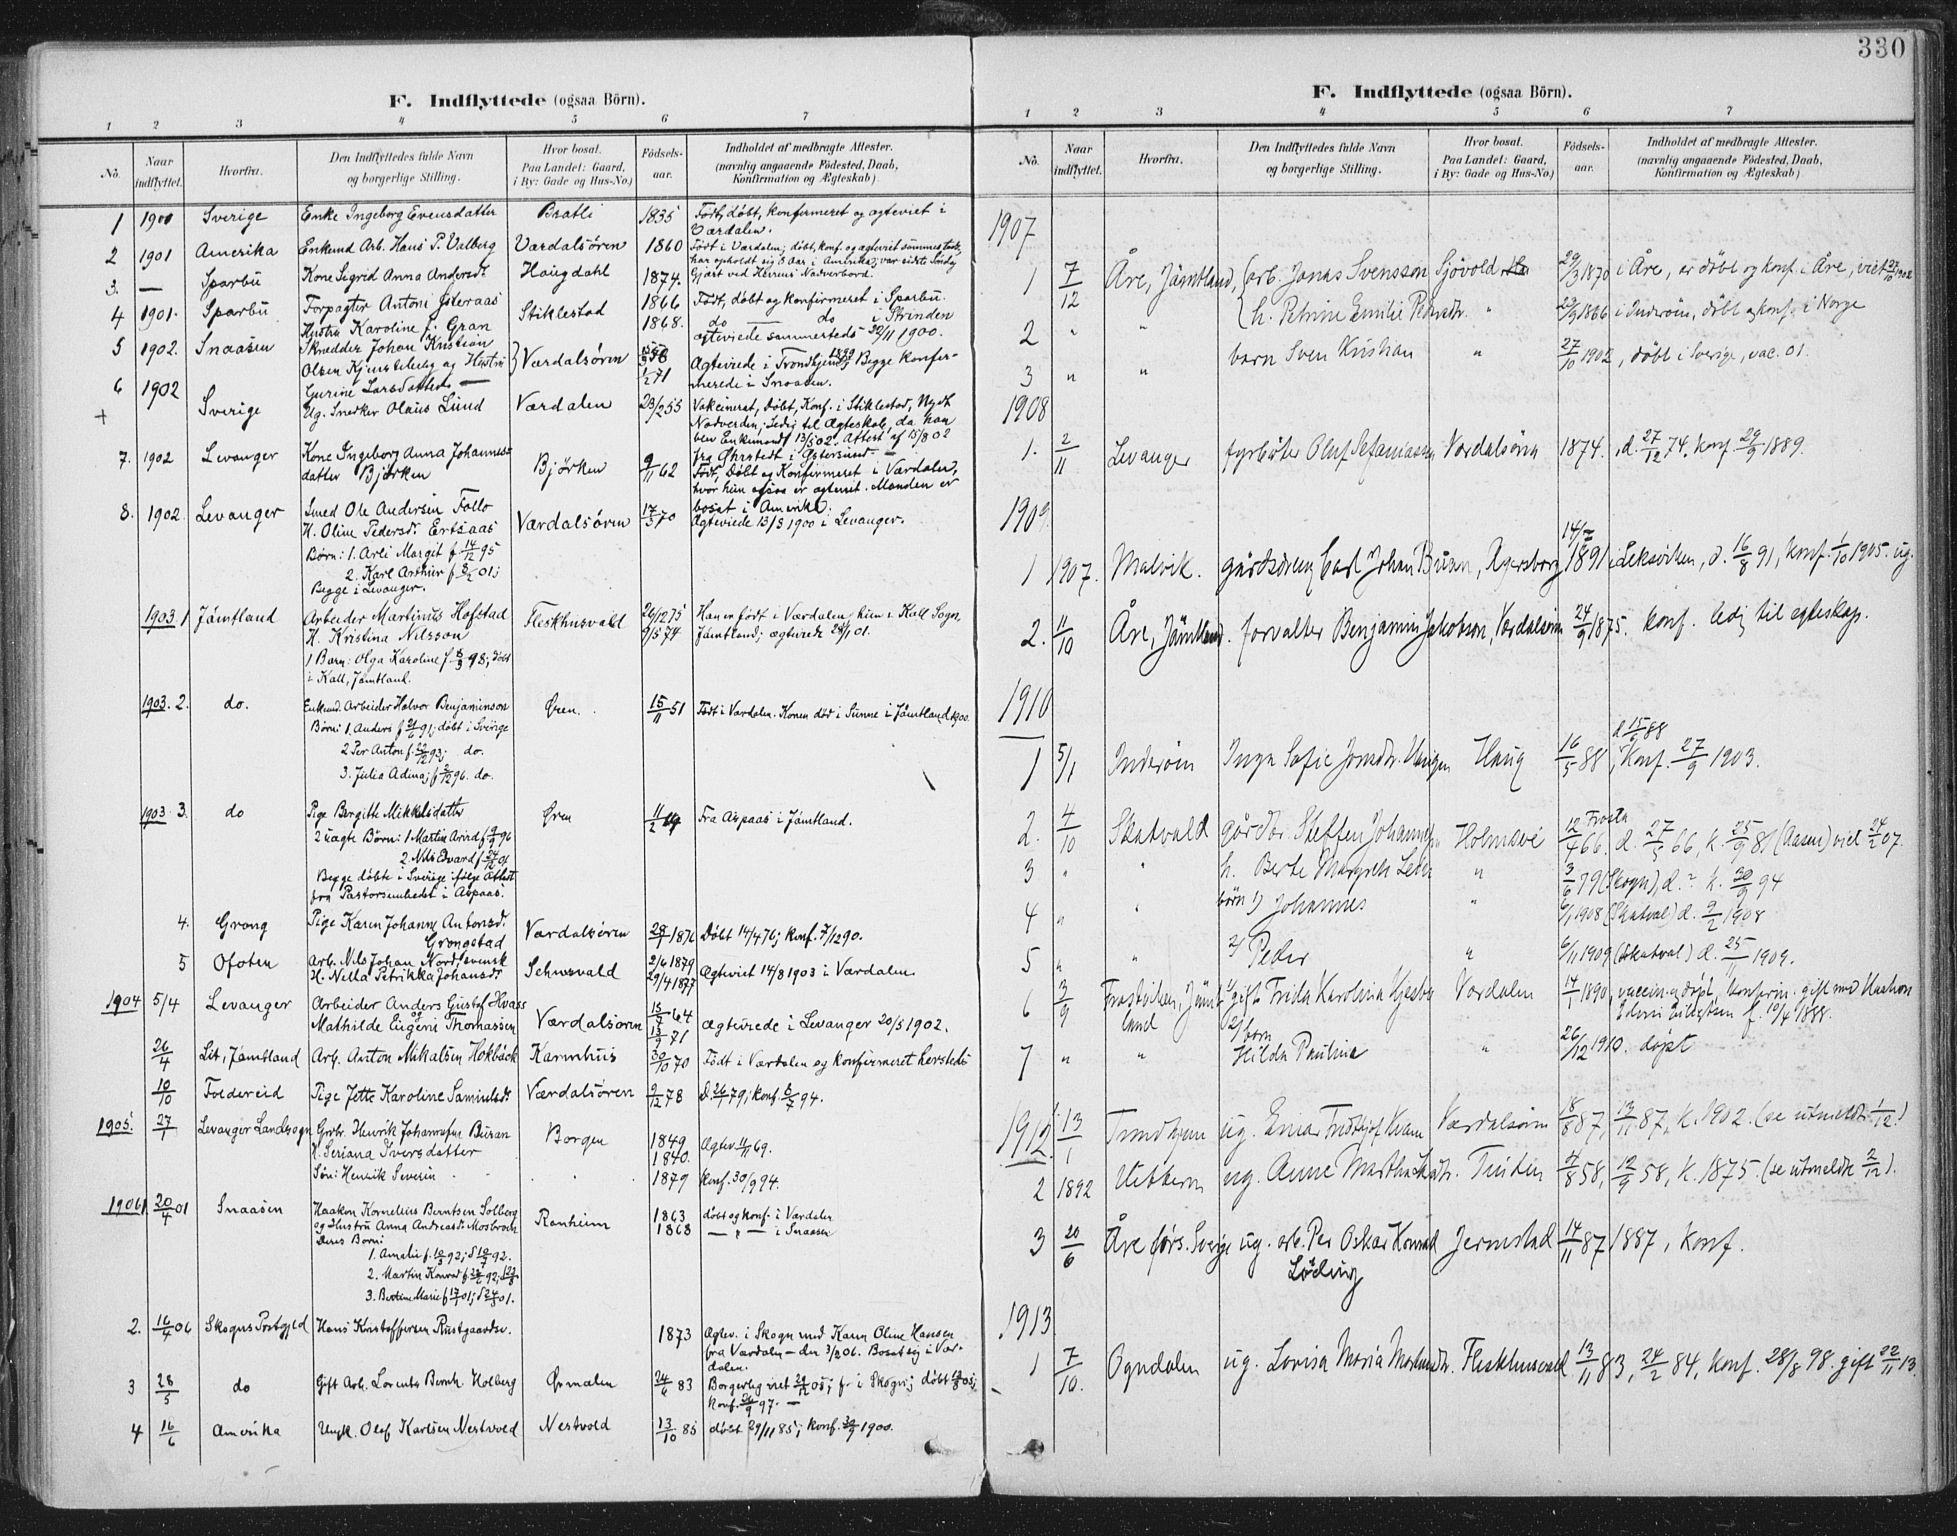 SAT, Ministerialprotokoller, klokkerbøker og fødselsregistre - Nord-Trøndelag, 723/L0246: Ministerialbok nr. 723A15, 1900-1917, s. 330